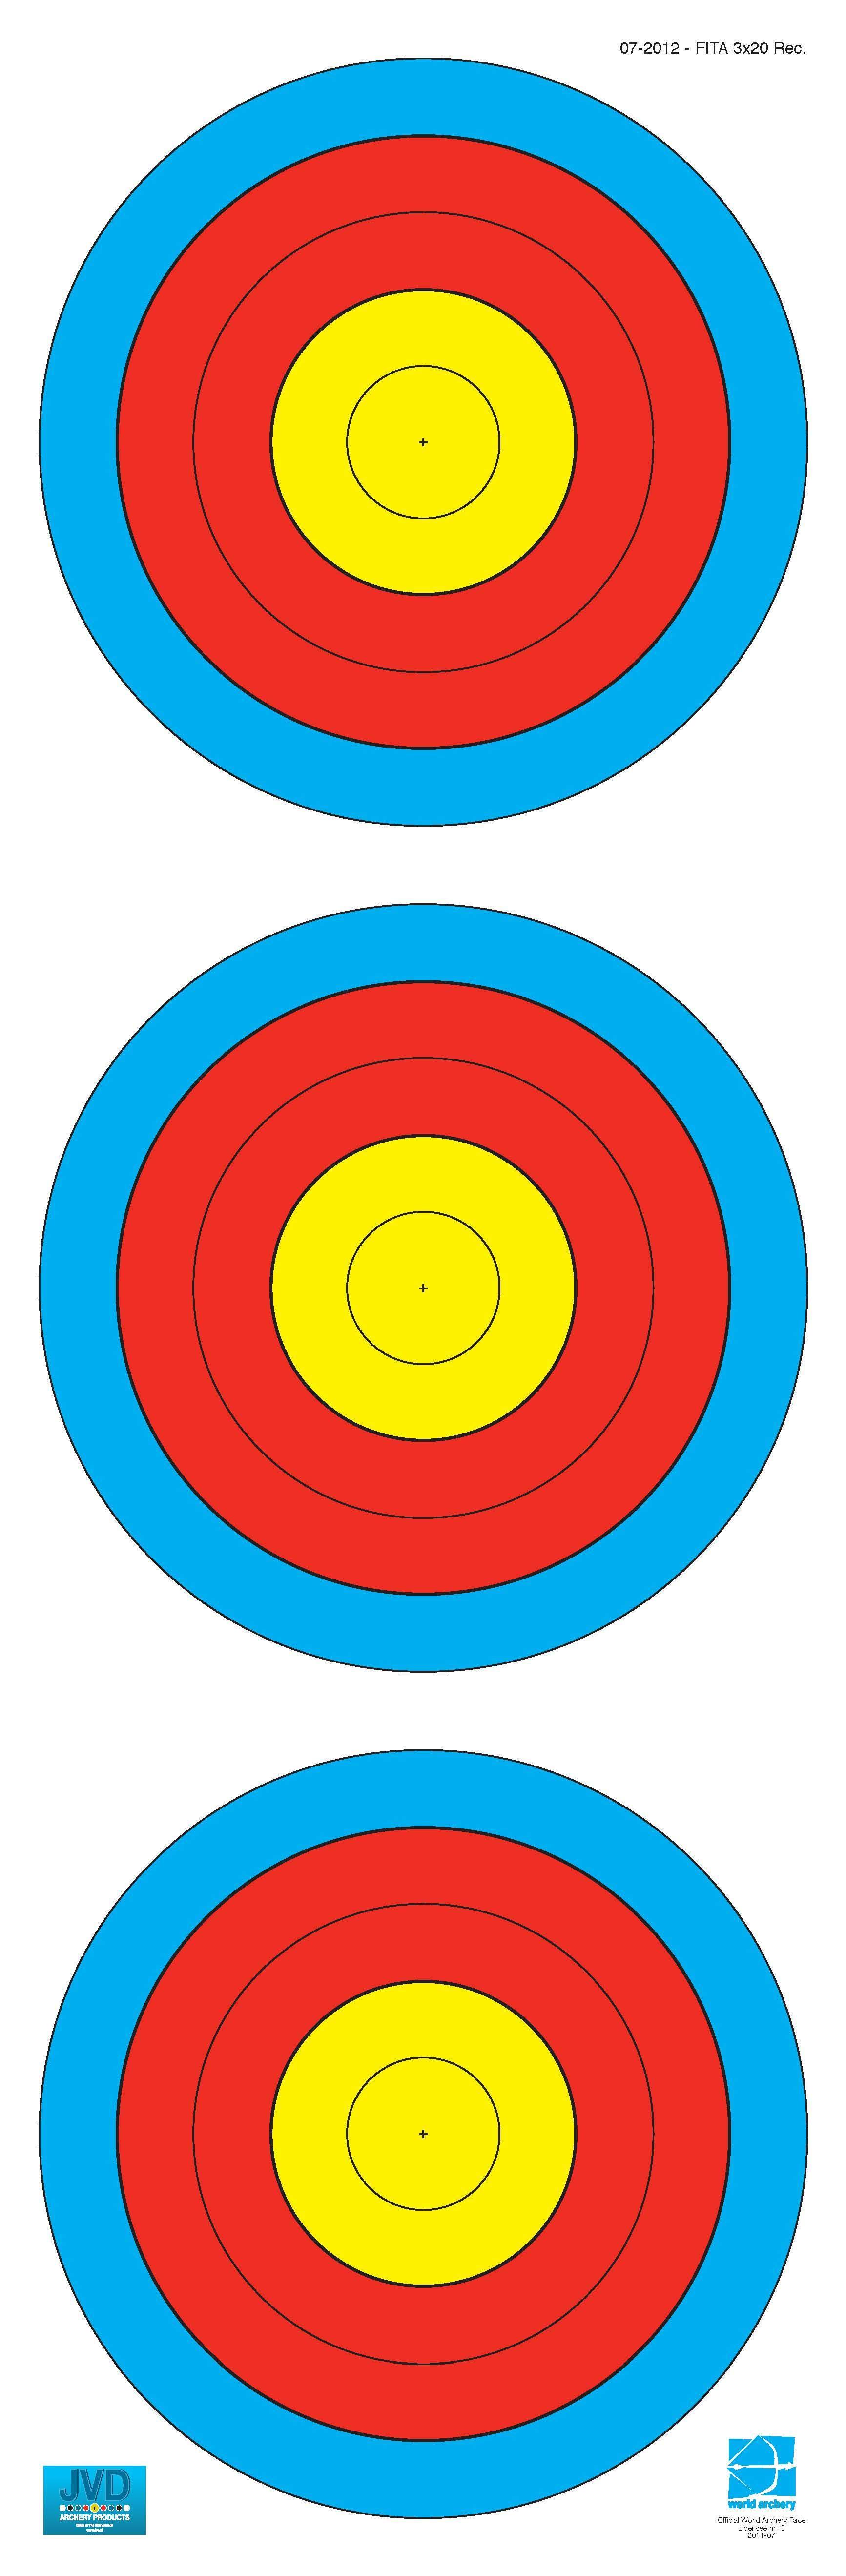 World Archery Federation (WA) - 3x20 Scheibenauflage, Scheibenauflage - est-bogensport.de